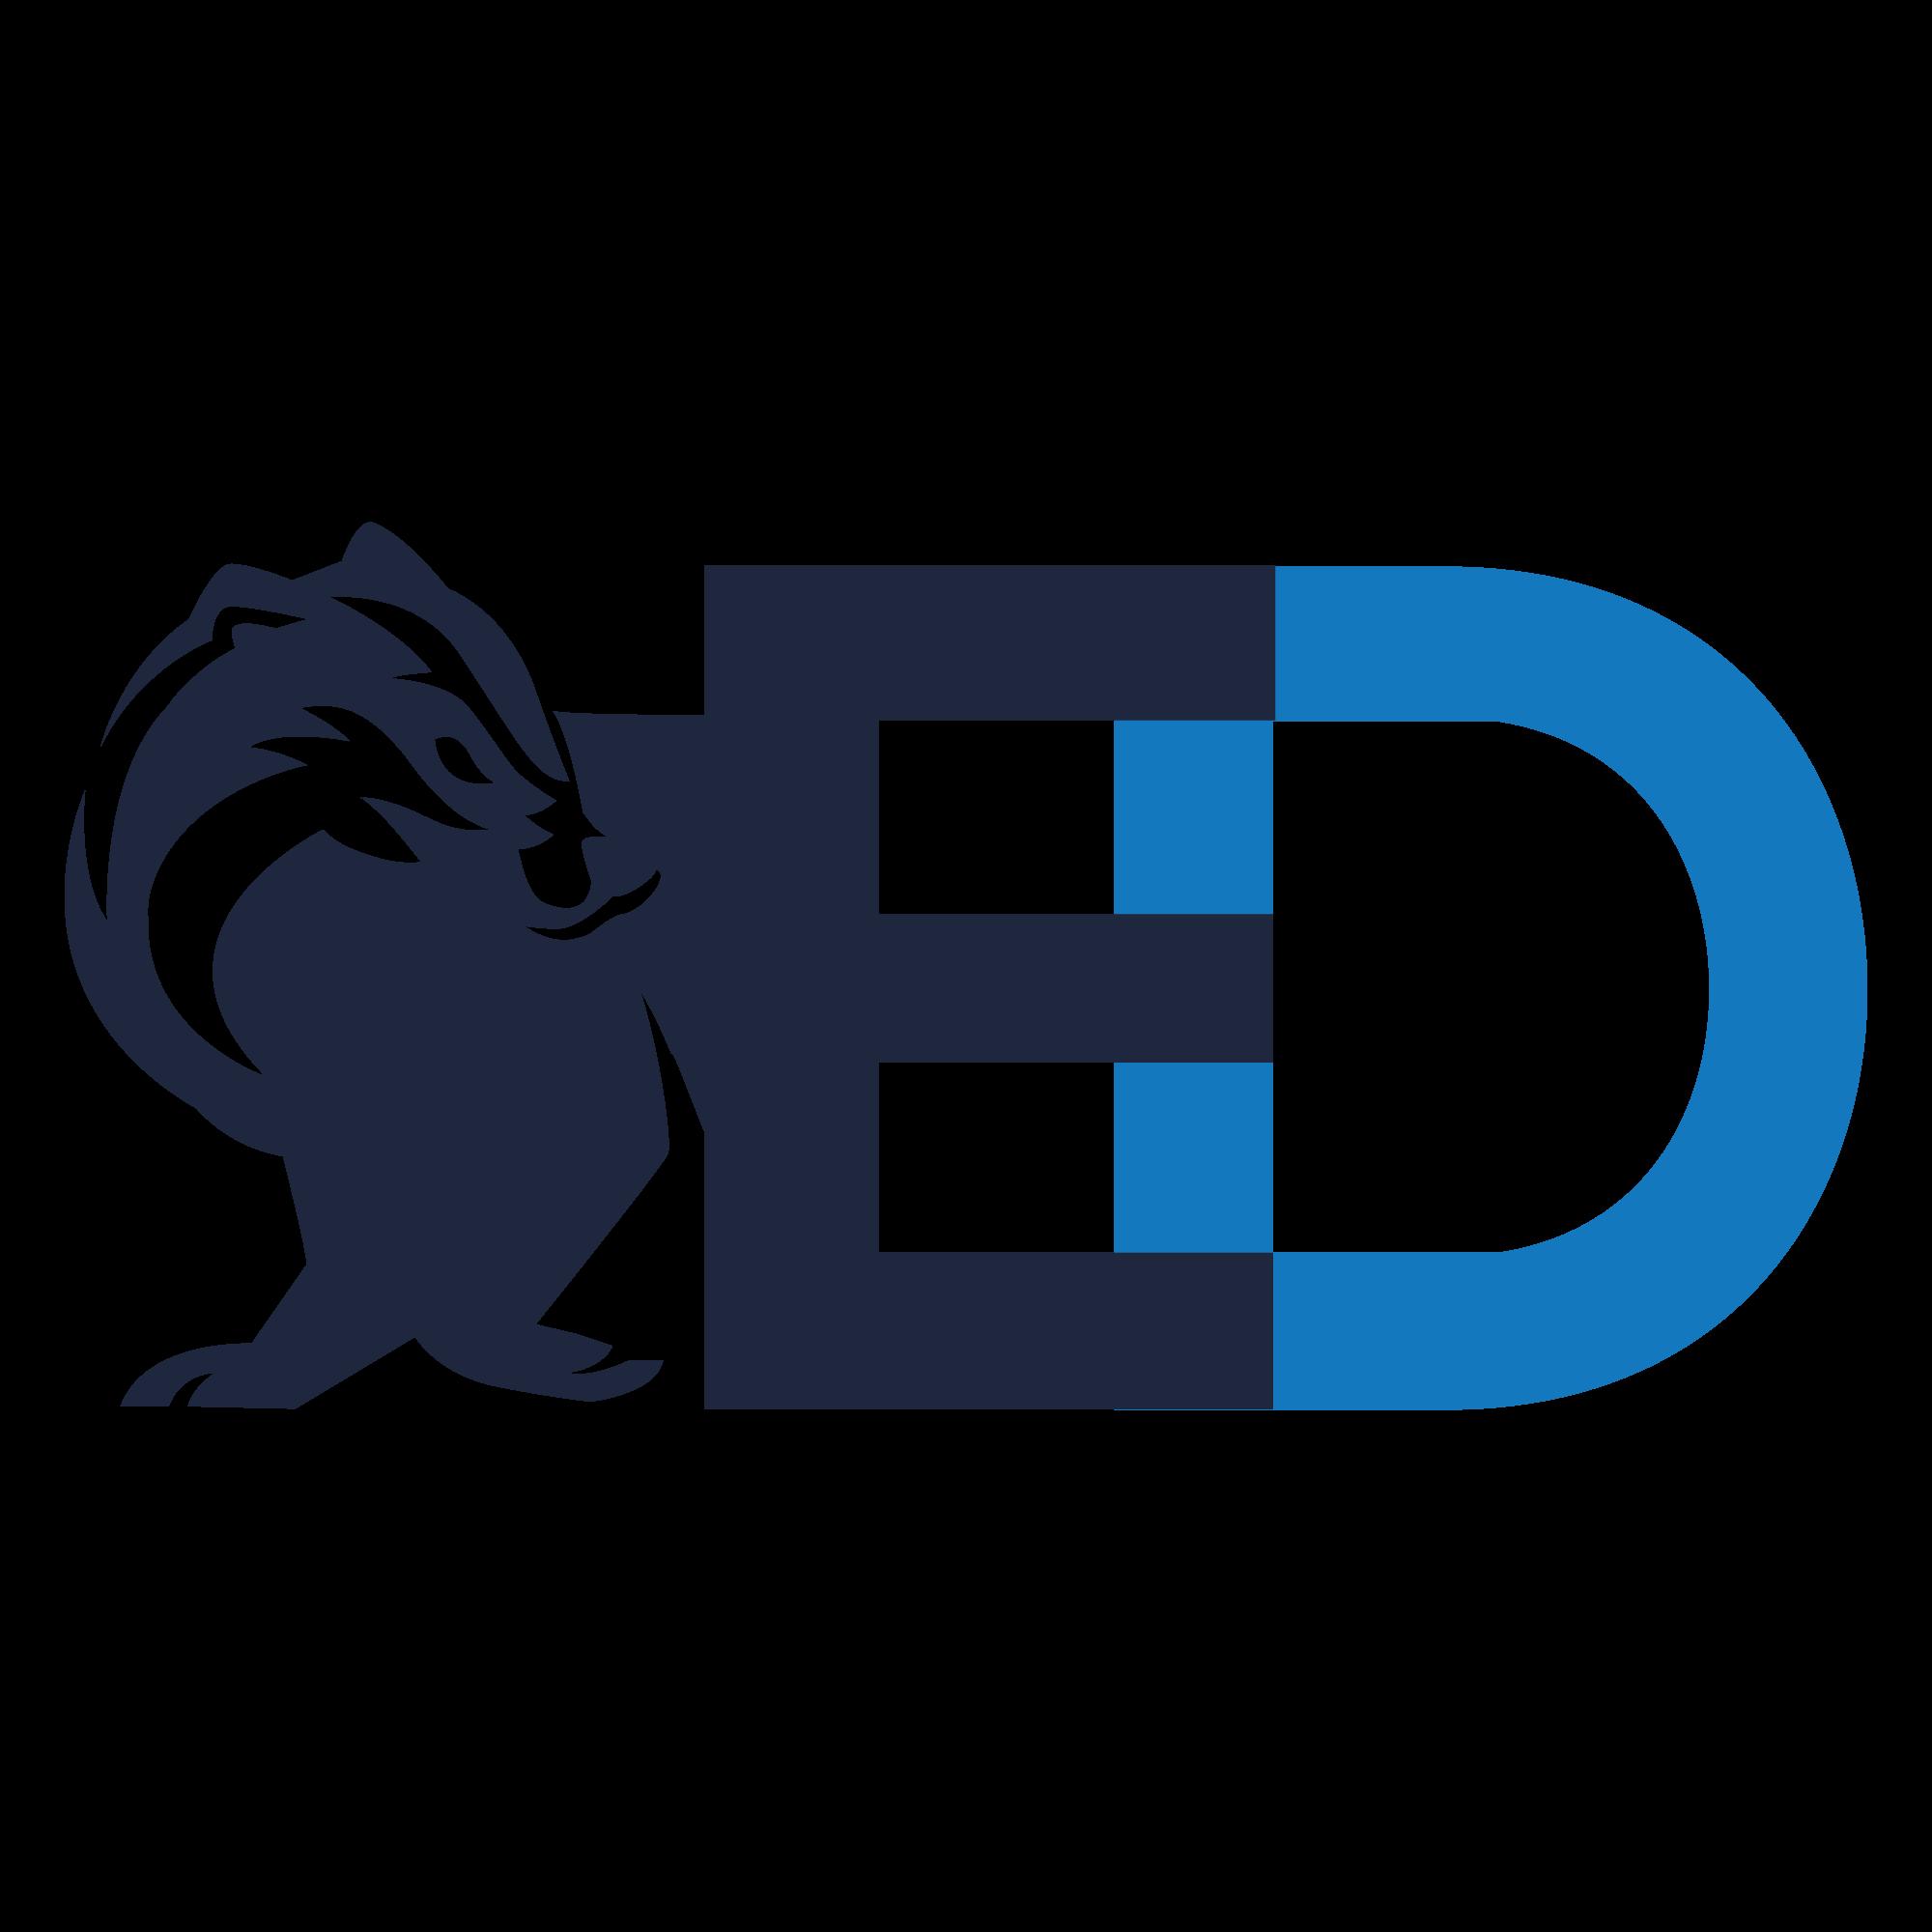 Design a classy logo including a badger.